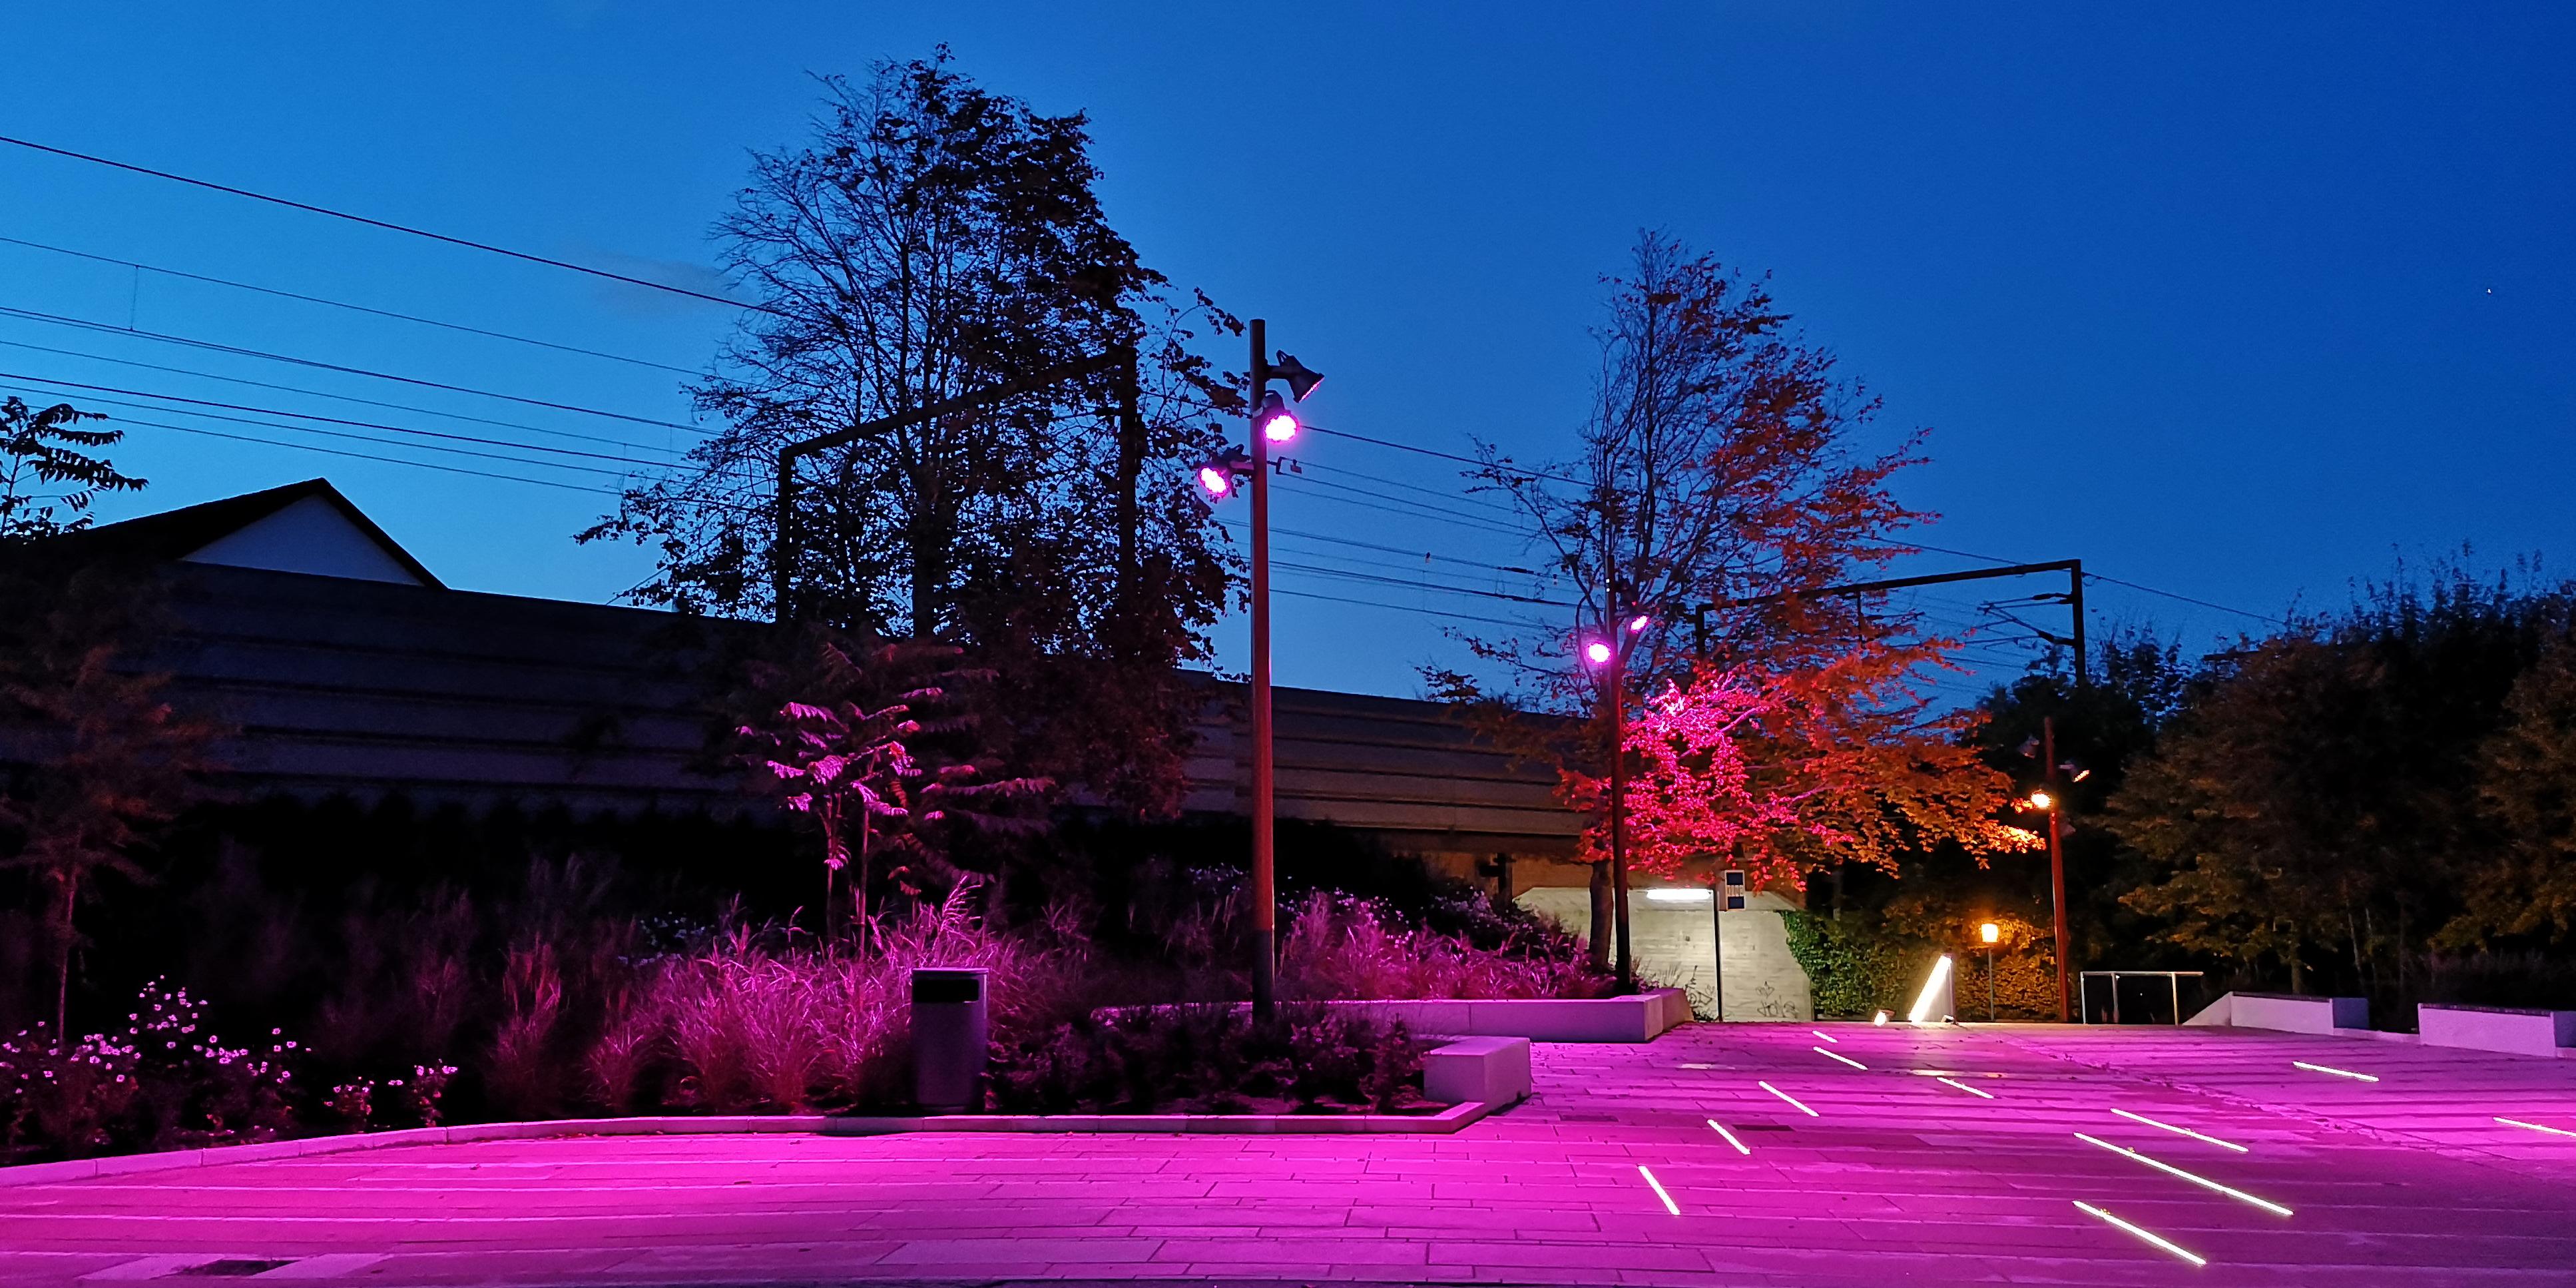 Kinotorv pink lys aften MOOS LANDSKABER